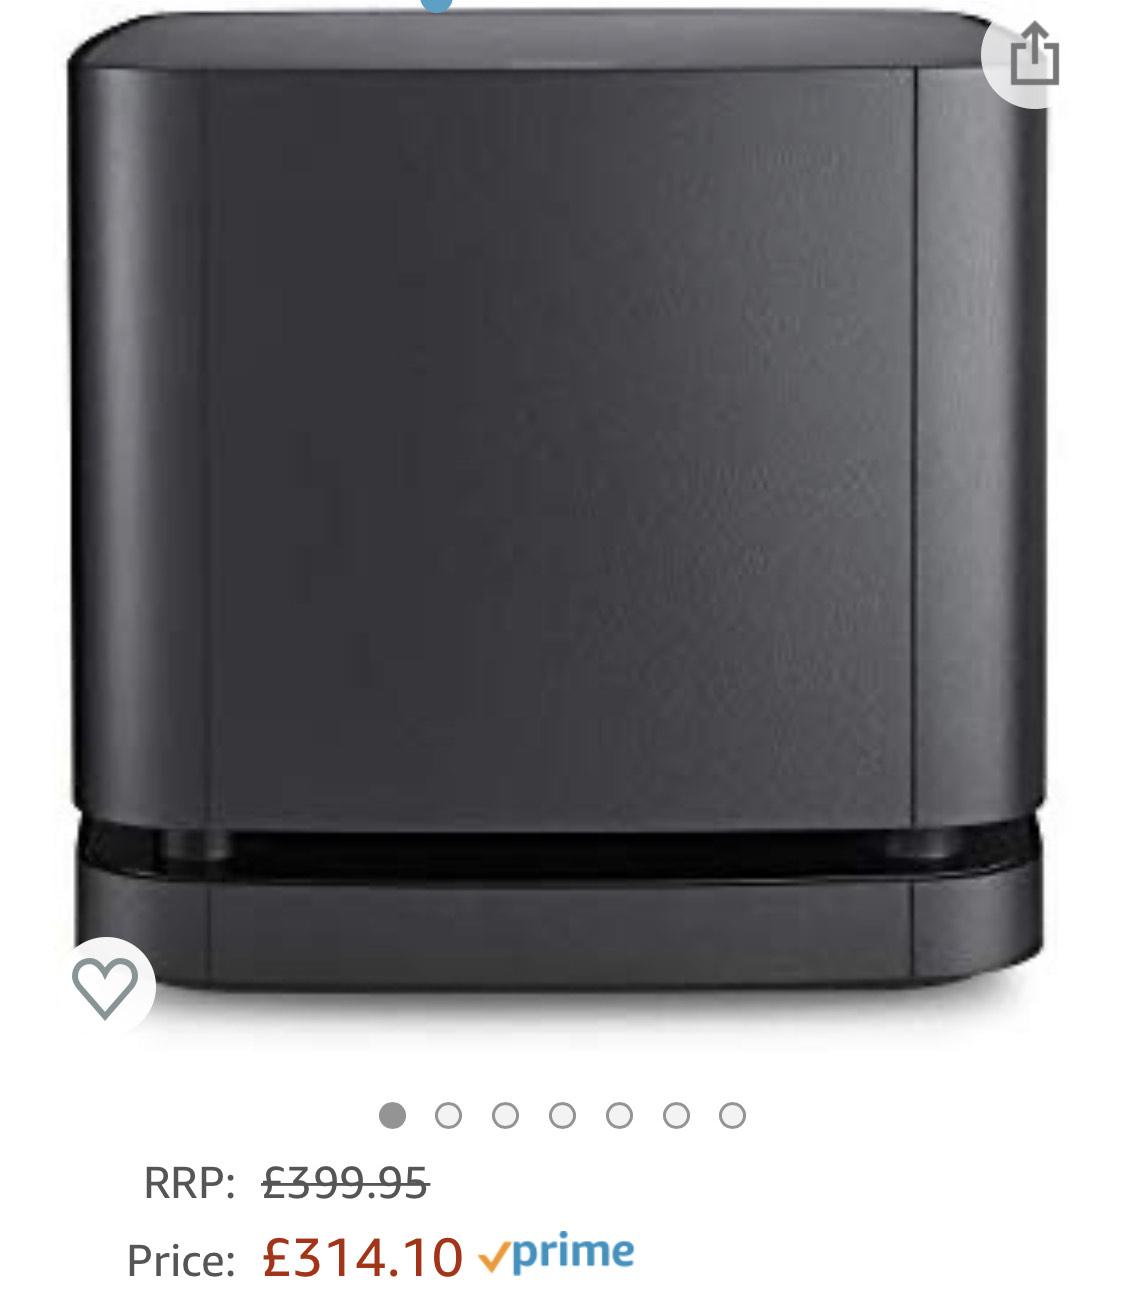 Bose Bass Module 500 £314.10 @ Amazon